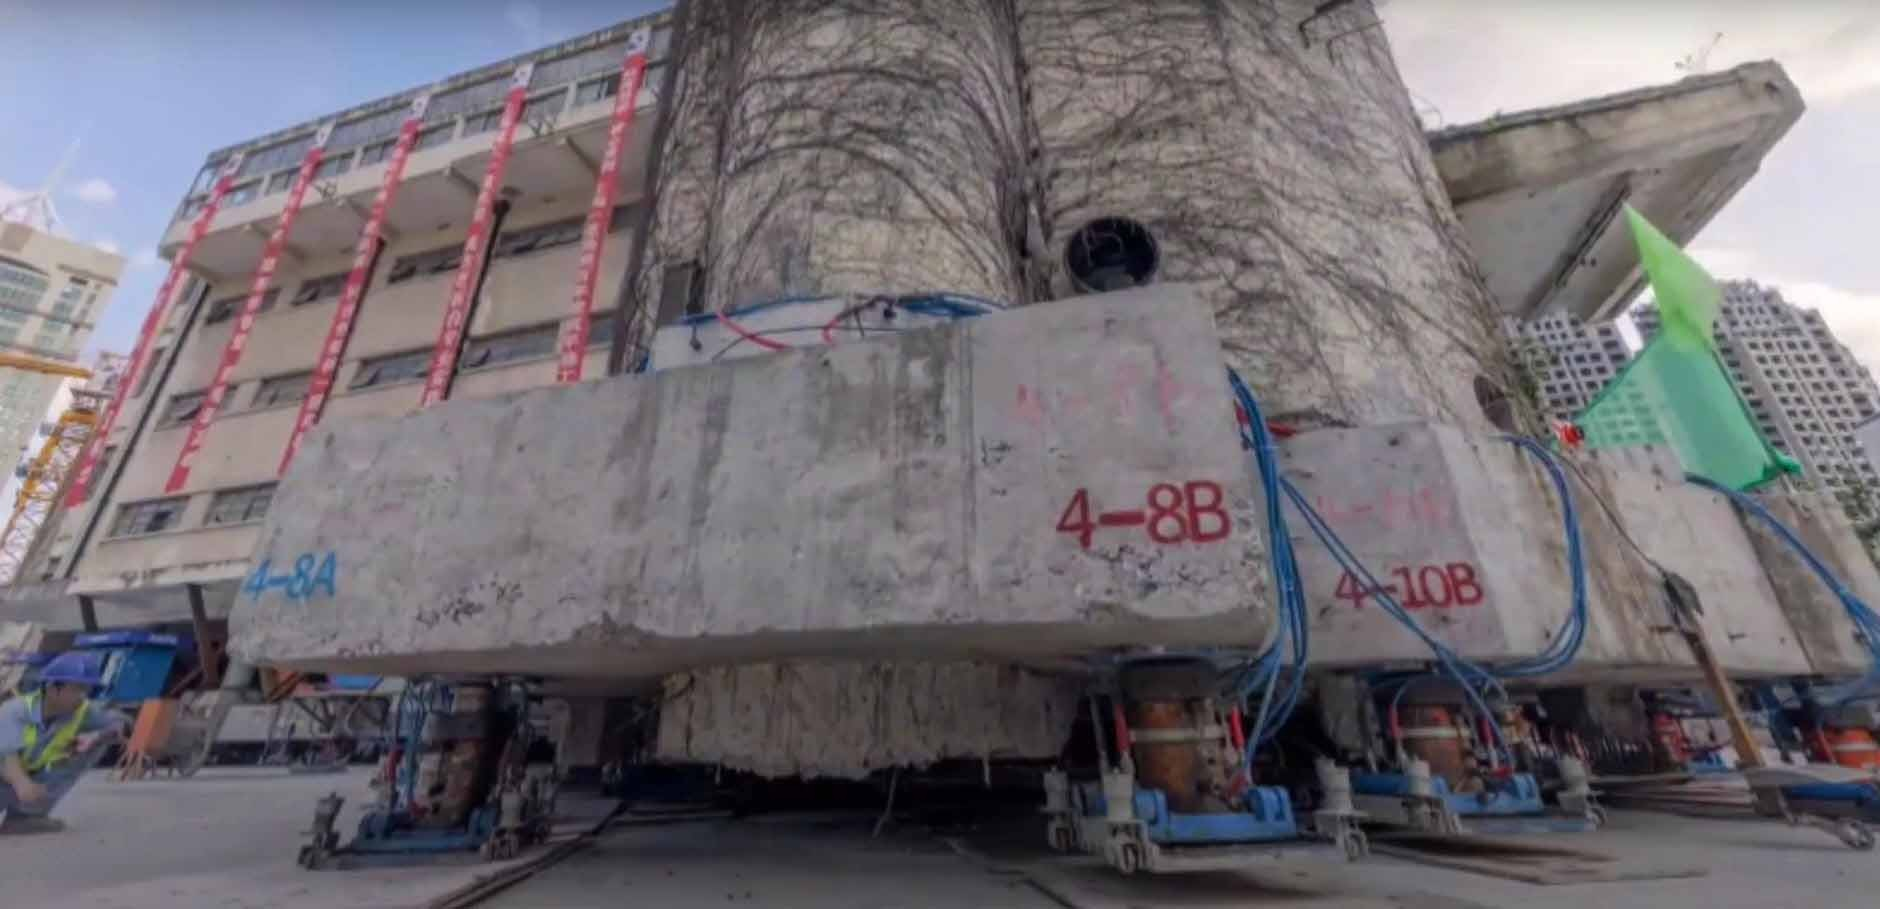 Mobile Stützen unter Gebäude